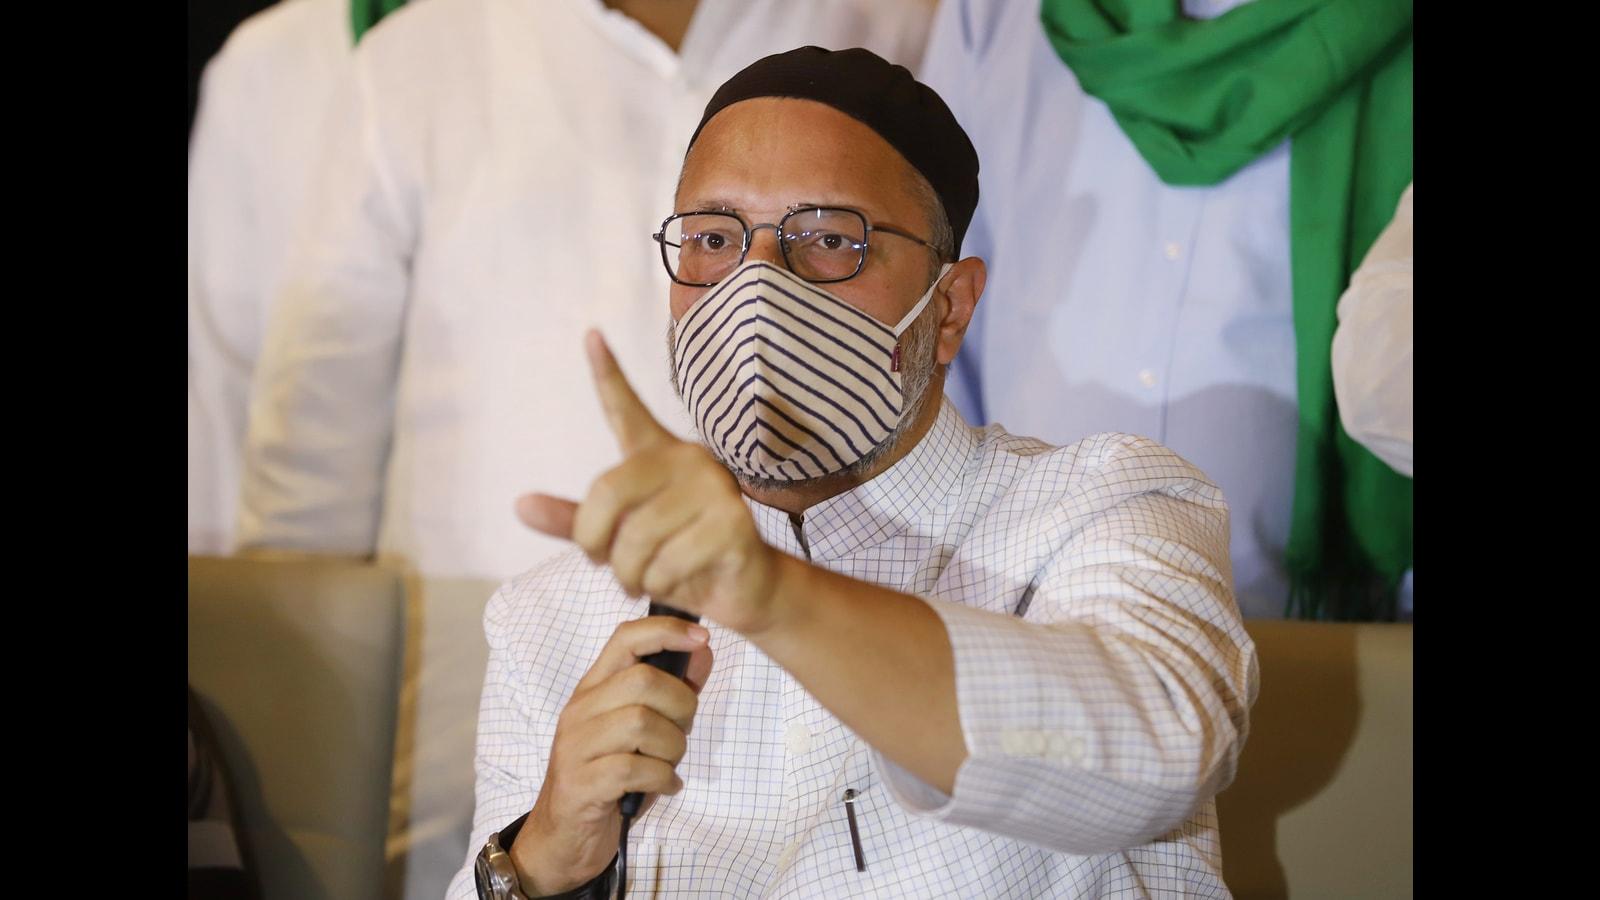 2 FIRs against Asaduddin Owaisi a day after public meet